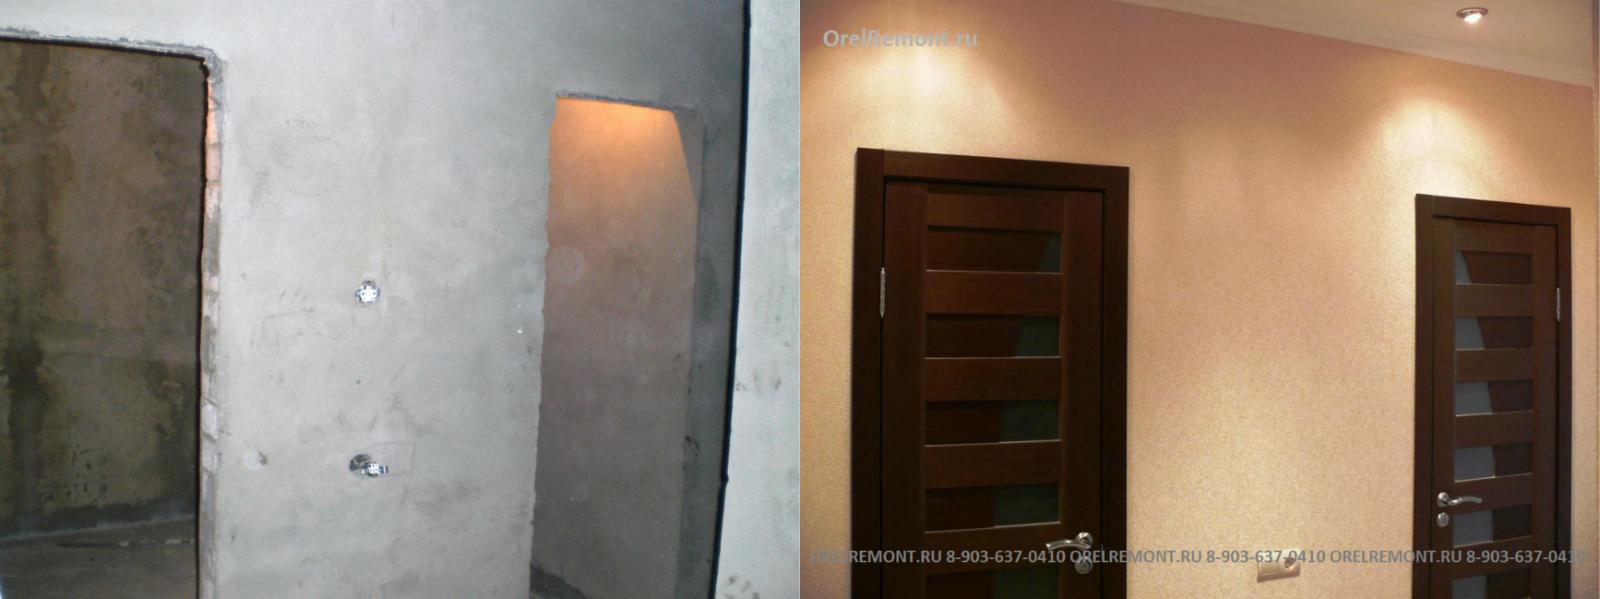 Ремонт в новостройке двухкомнатной квартиры фото